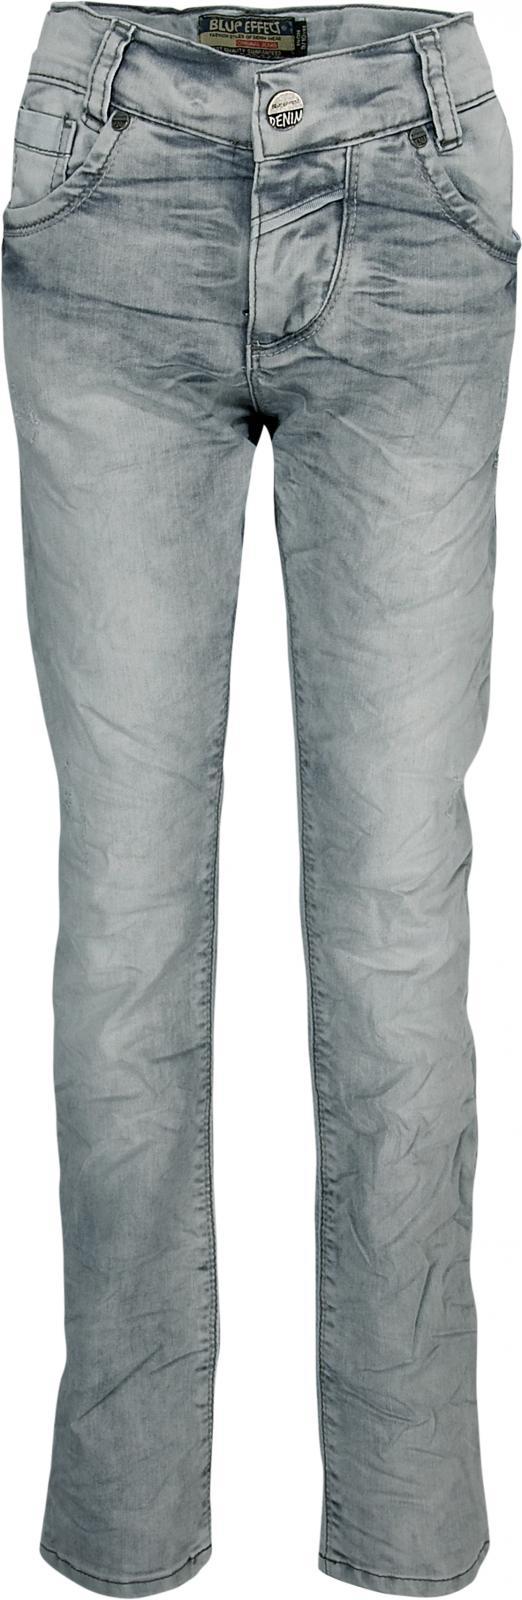 Chlapecké džíny-šedé-Blue effect